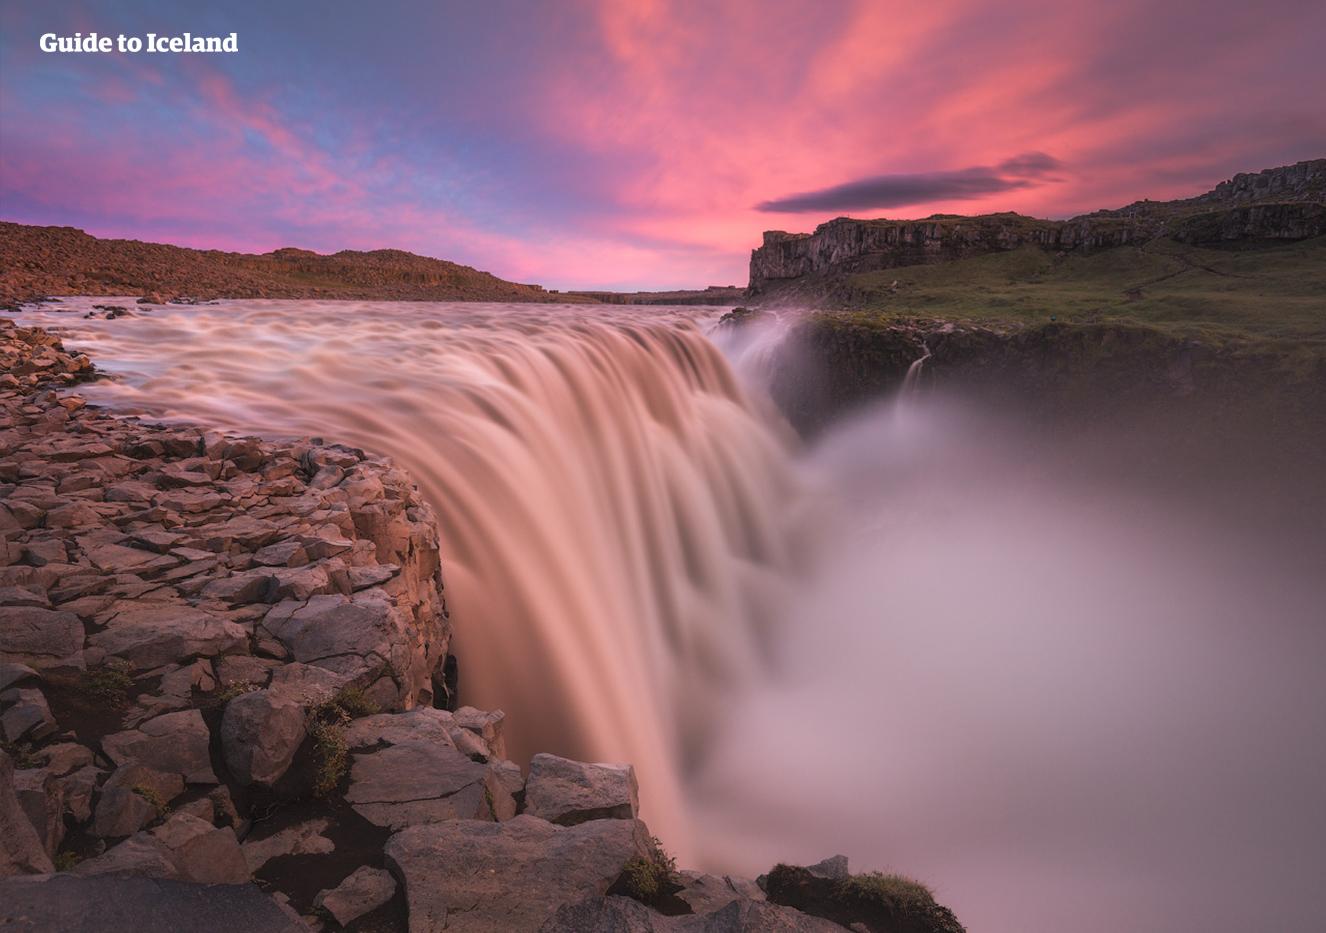 在冰岛北部的黛提瀑布,您将感受到力与美的完美结合。